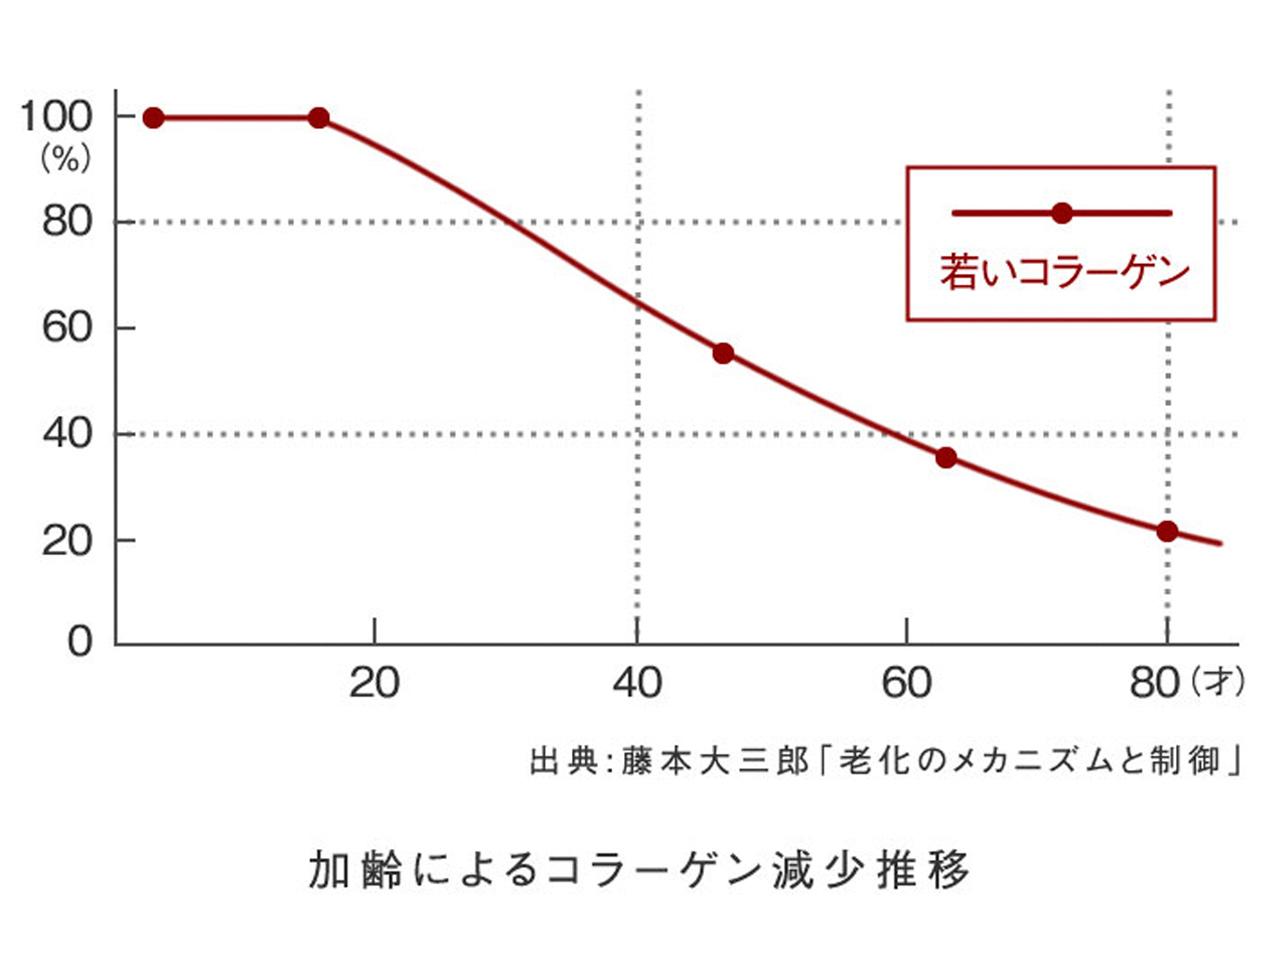 加齢によるコラーゲン減少推移の図